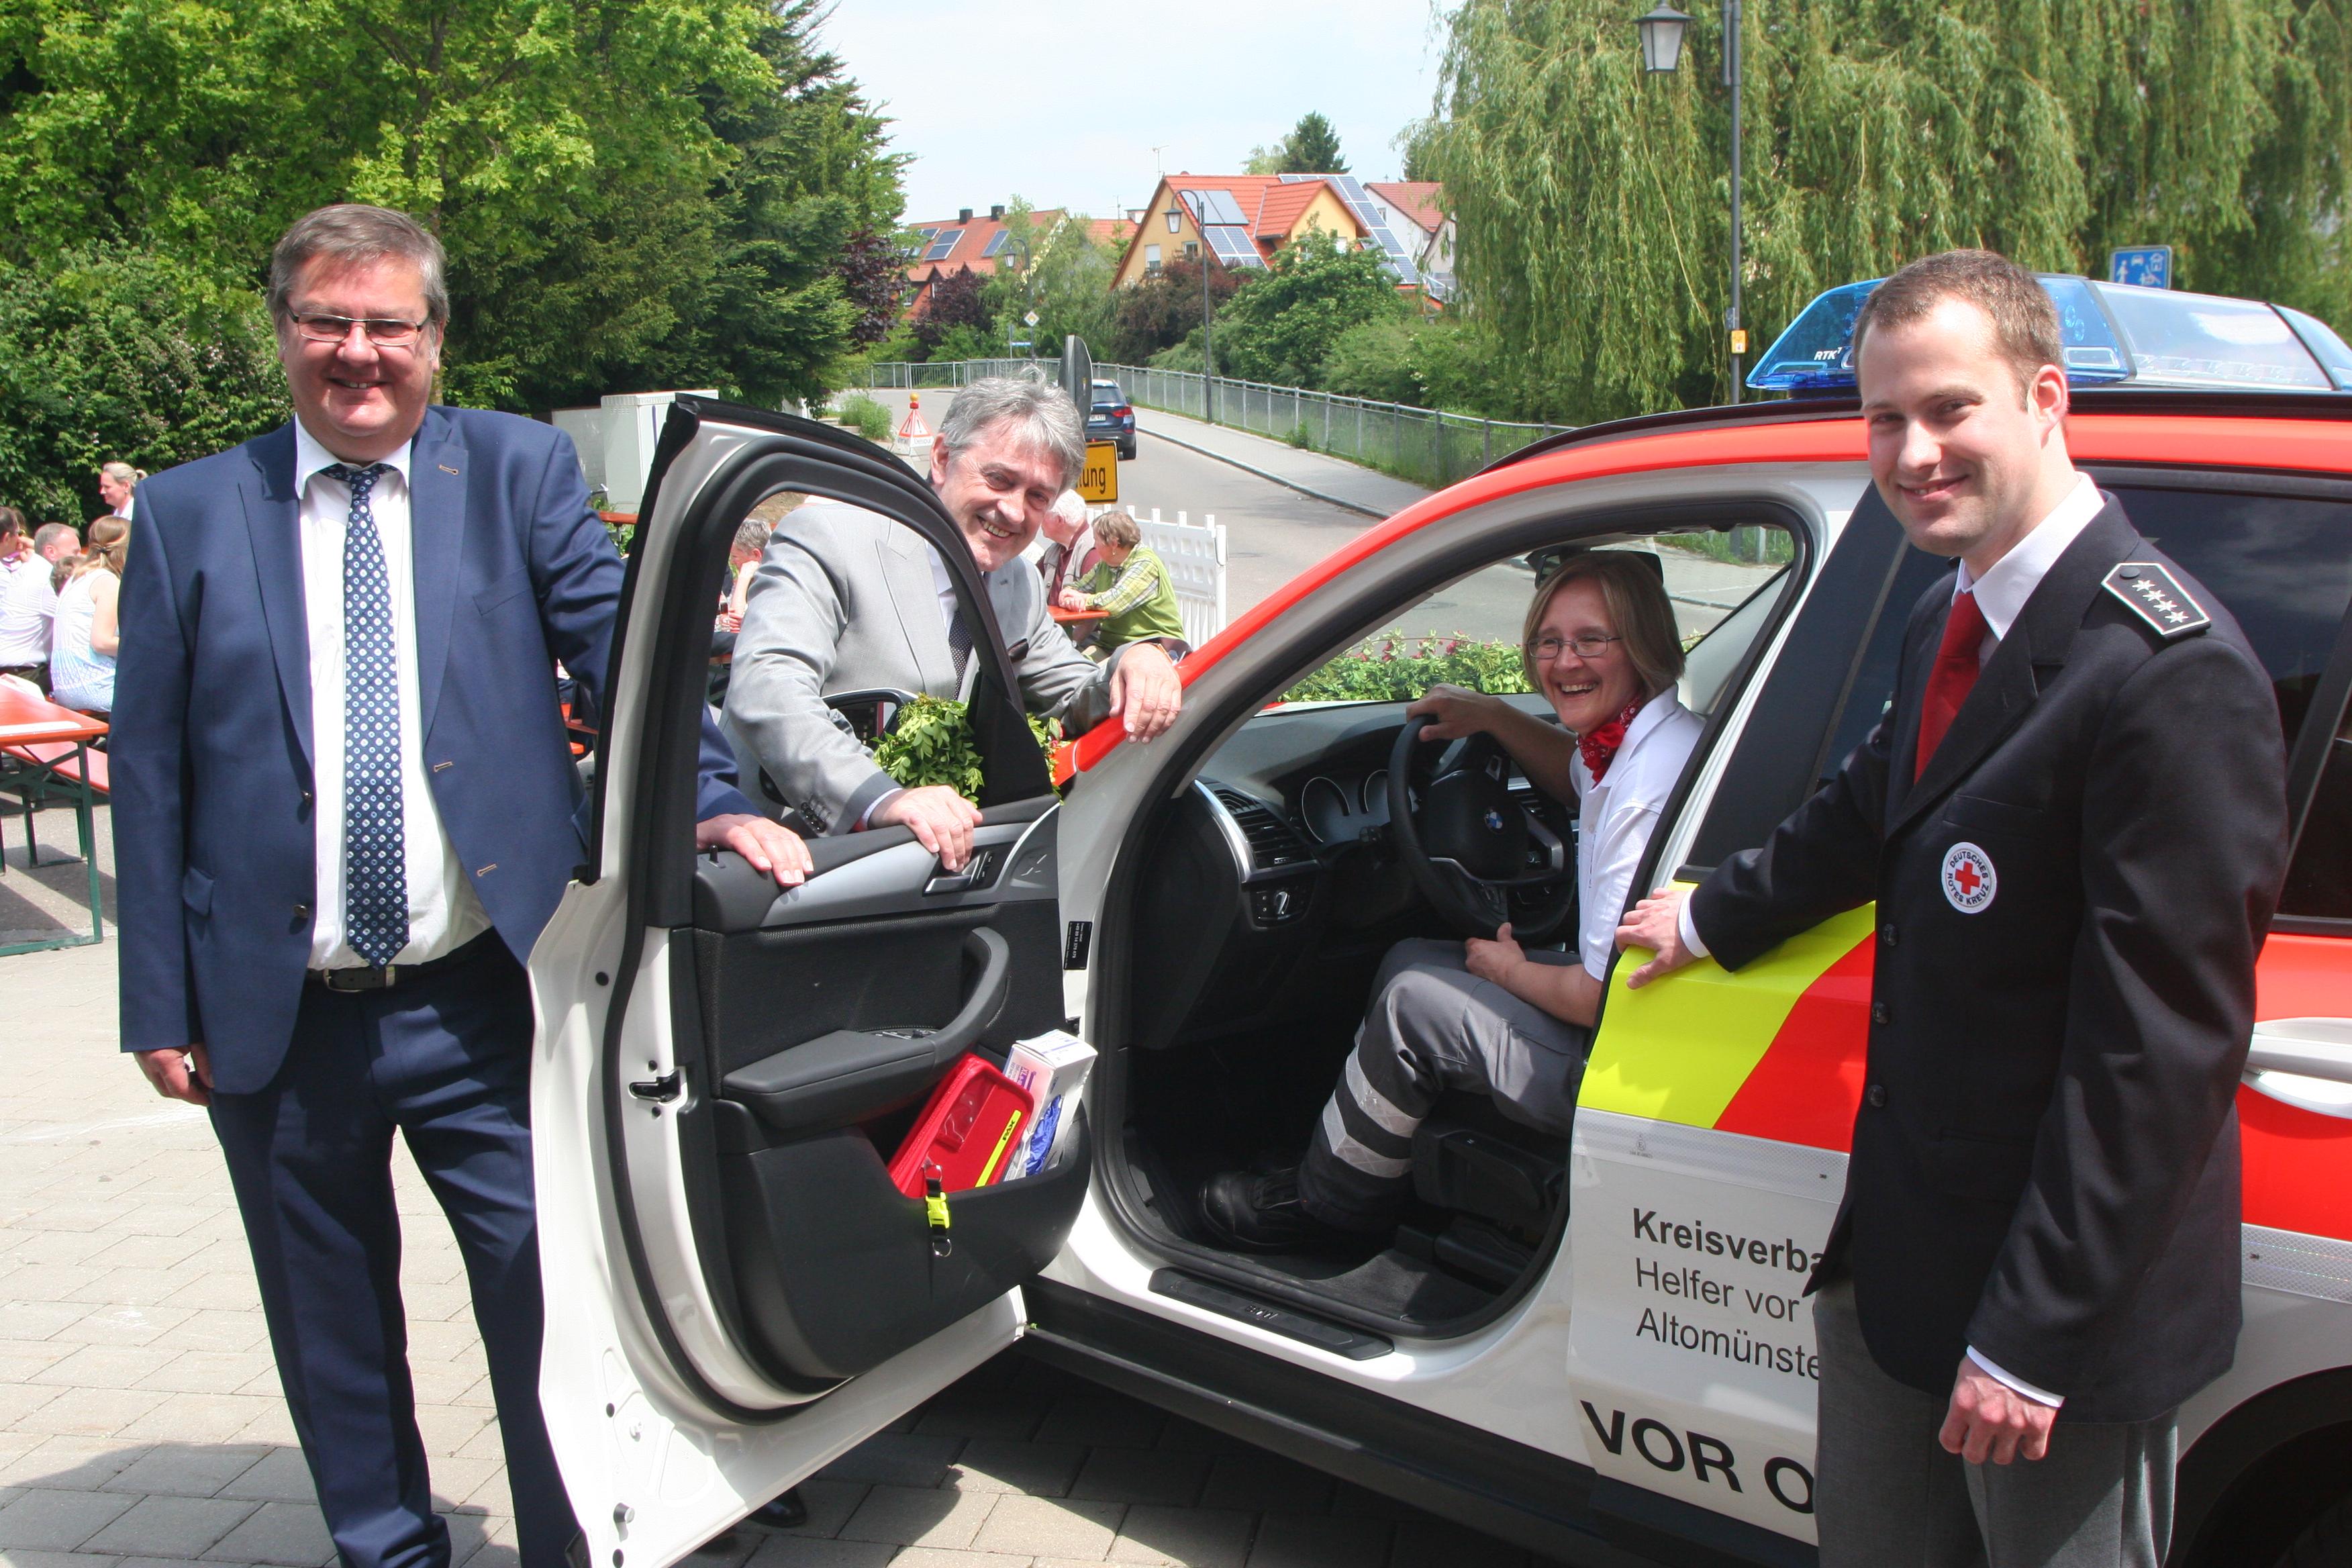 Nur dank des Fördervereins konnte das Einsatzfahrzeug angeschafft werden.Von links Wolfgang Grimm, Josef Widmann, Andrea Deeg und Benedikt Jung.